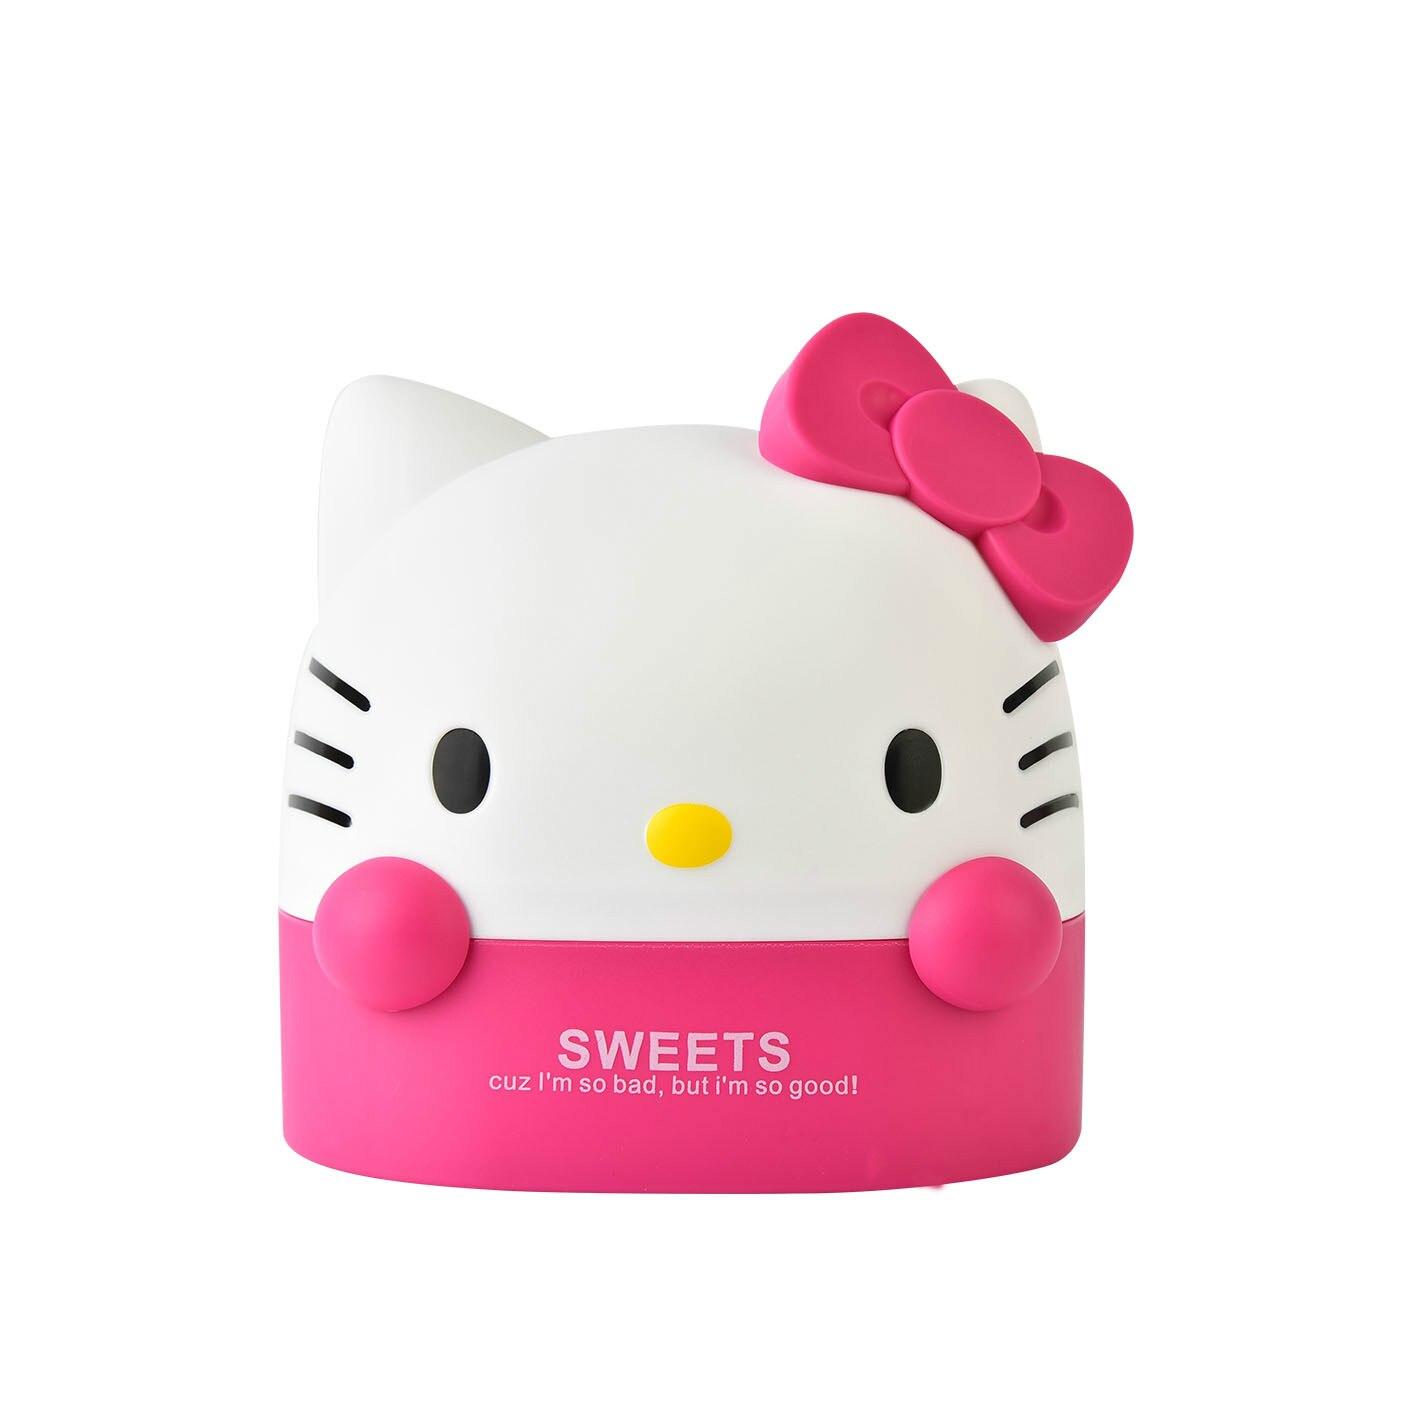 Nette Box Hallo Kitty Tissue Box Tissue Kanister - Home Storage und Organisation - Foto 3